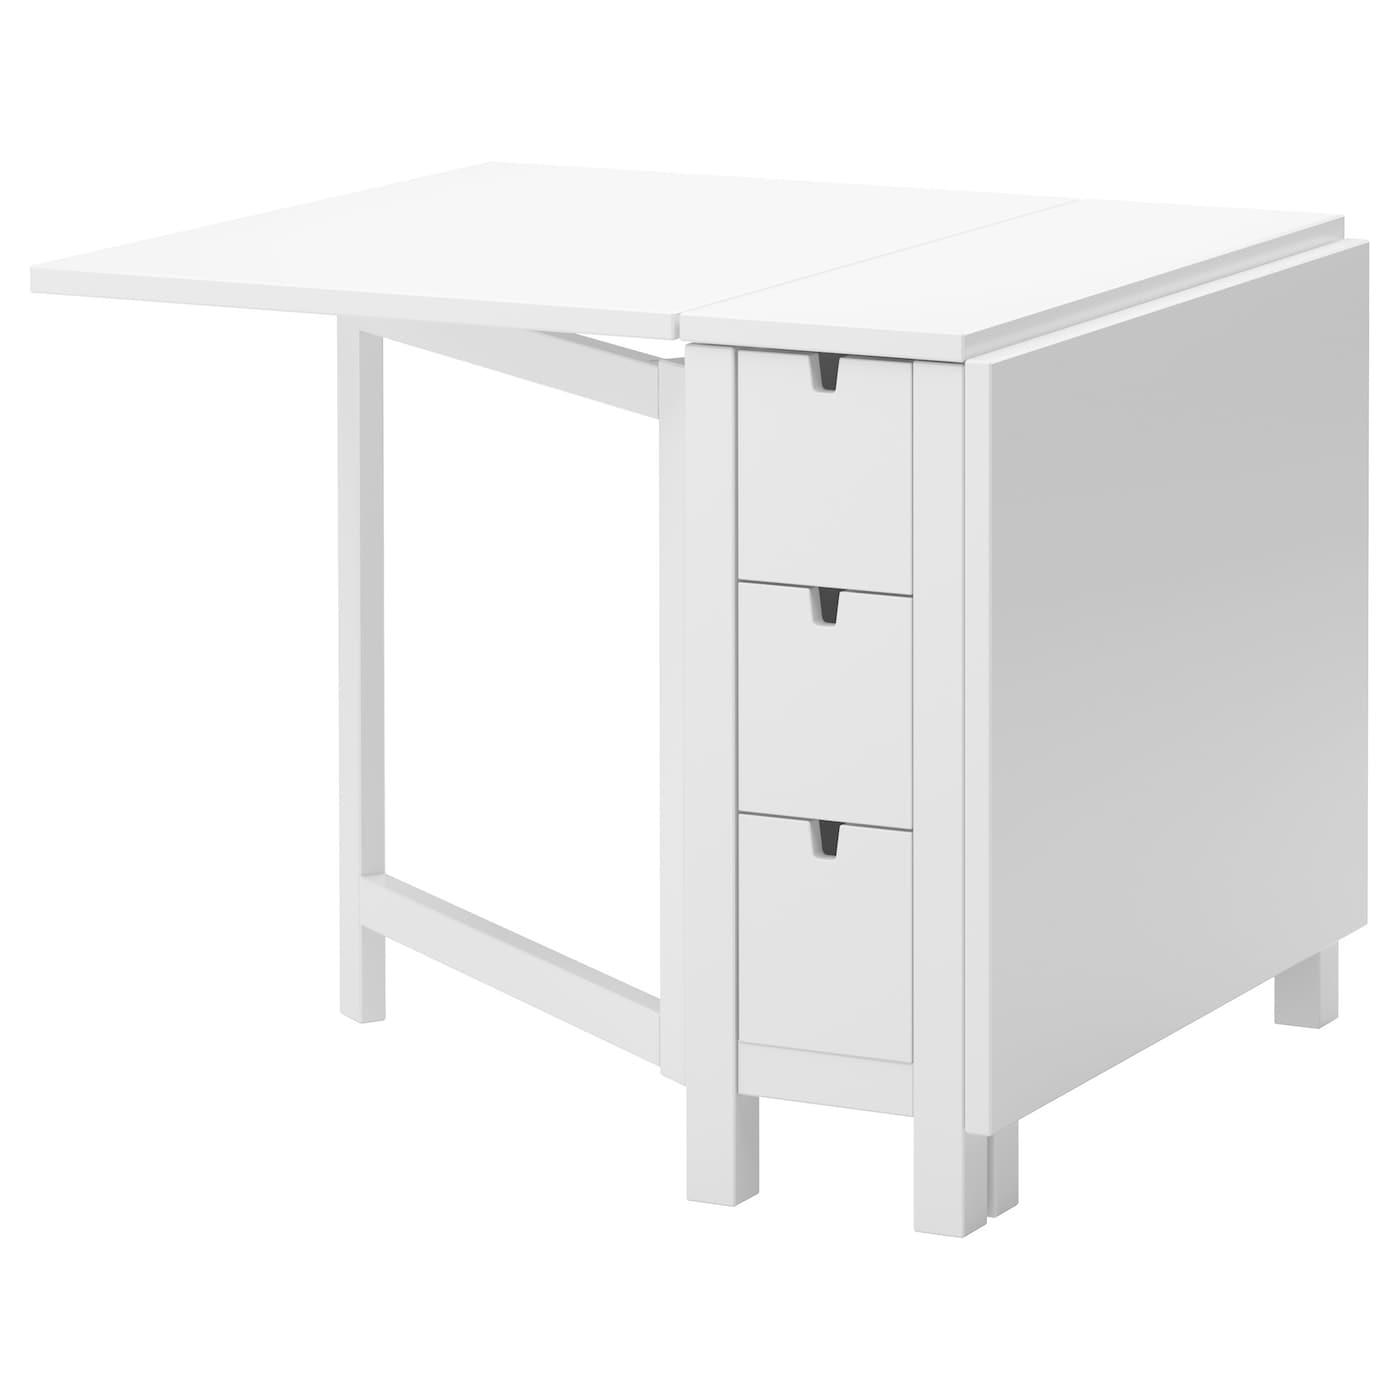 Norden gateleg table white 26 89 152x80 cm ikea for Table norden ikea